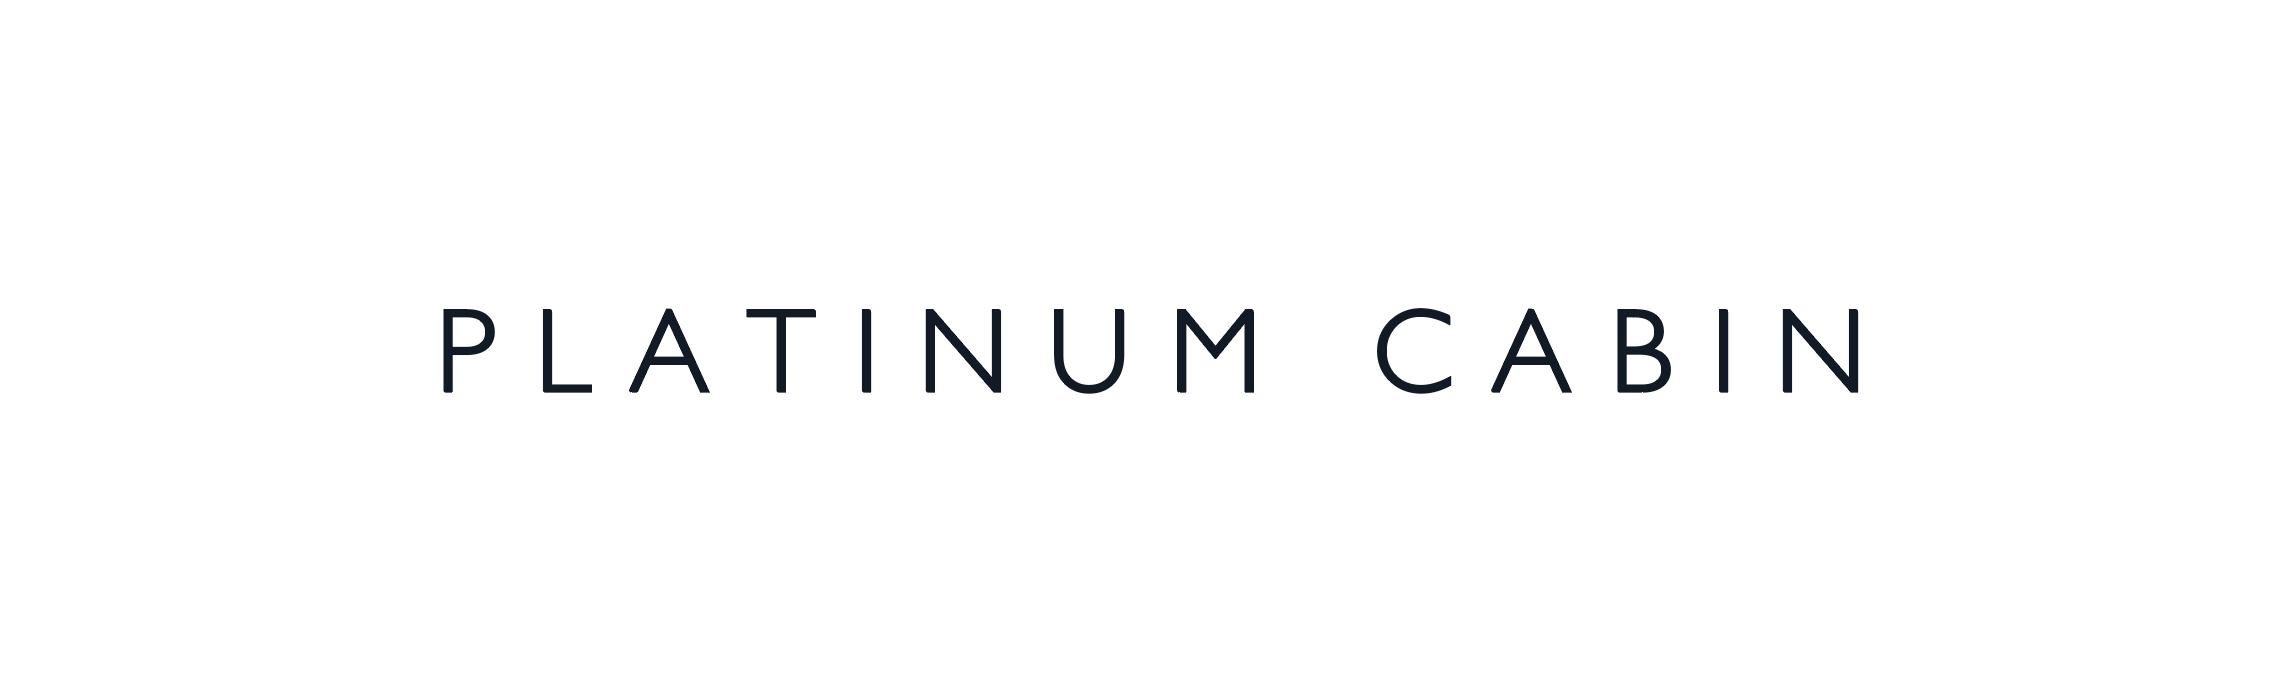 PLATINUM CABIN inc CIロゴデザイン